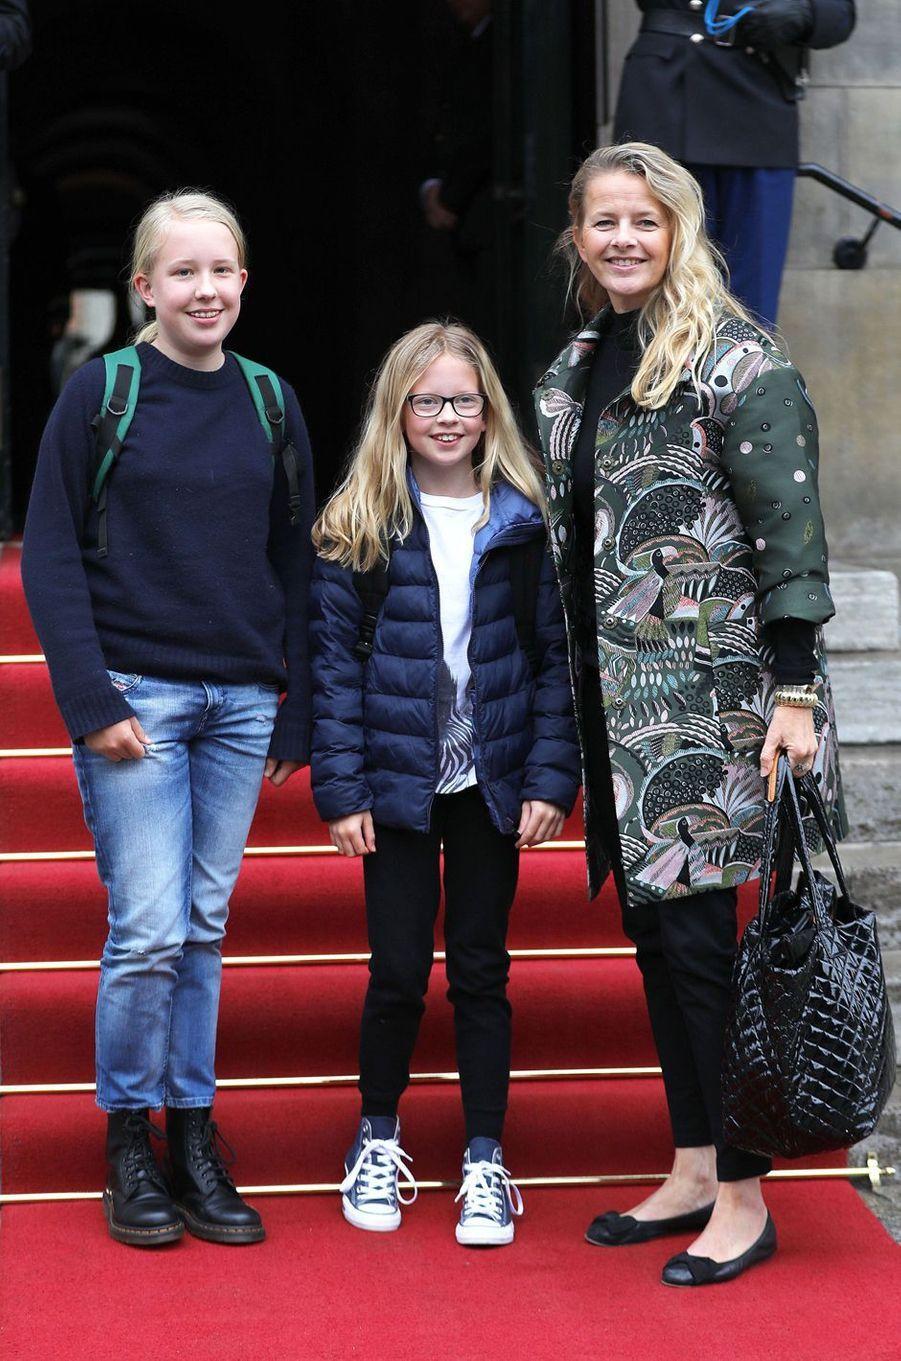 La princesse Mabel d'Orange-Nassau avec ses filles les comtesses Luana et Zaria, le 3 février 2018